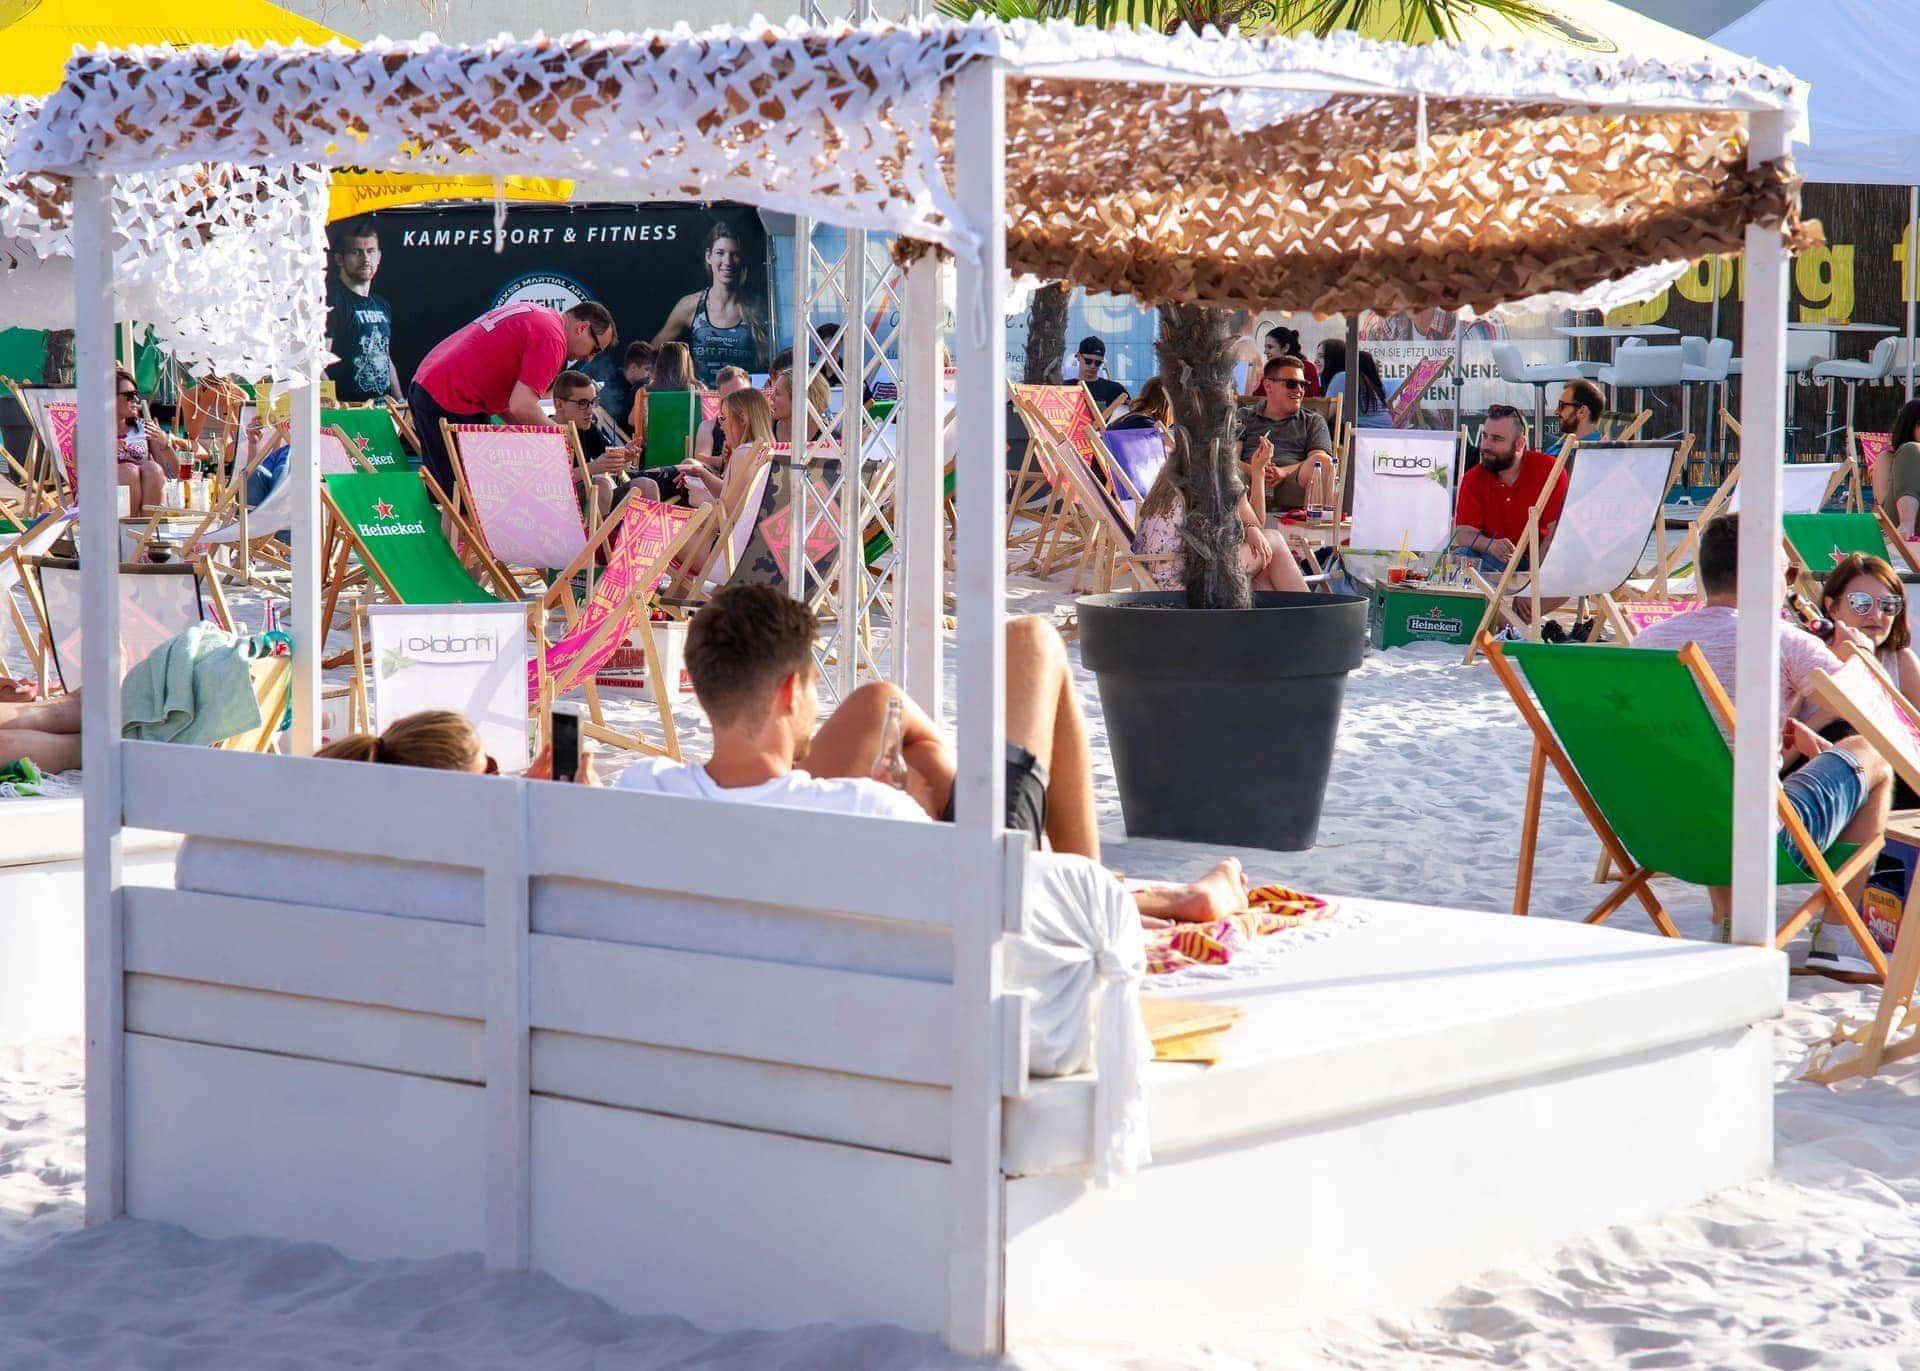 Endspurt am Arcaden Beach Silent Party auf Parkdeck 3